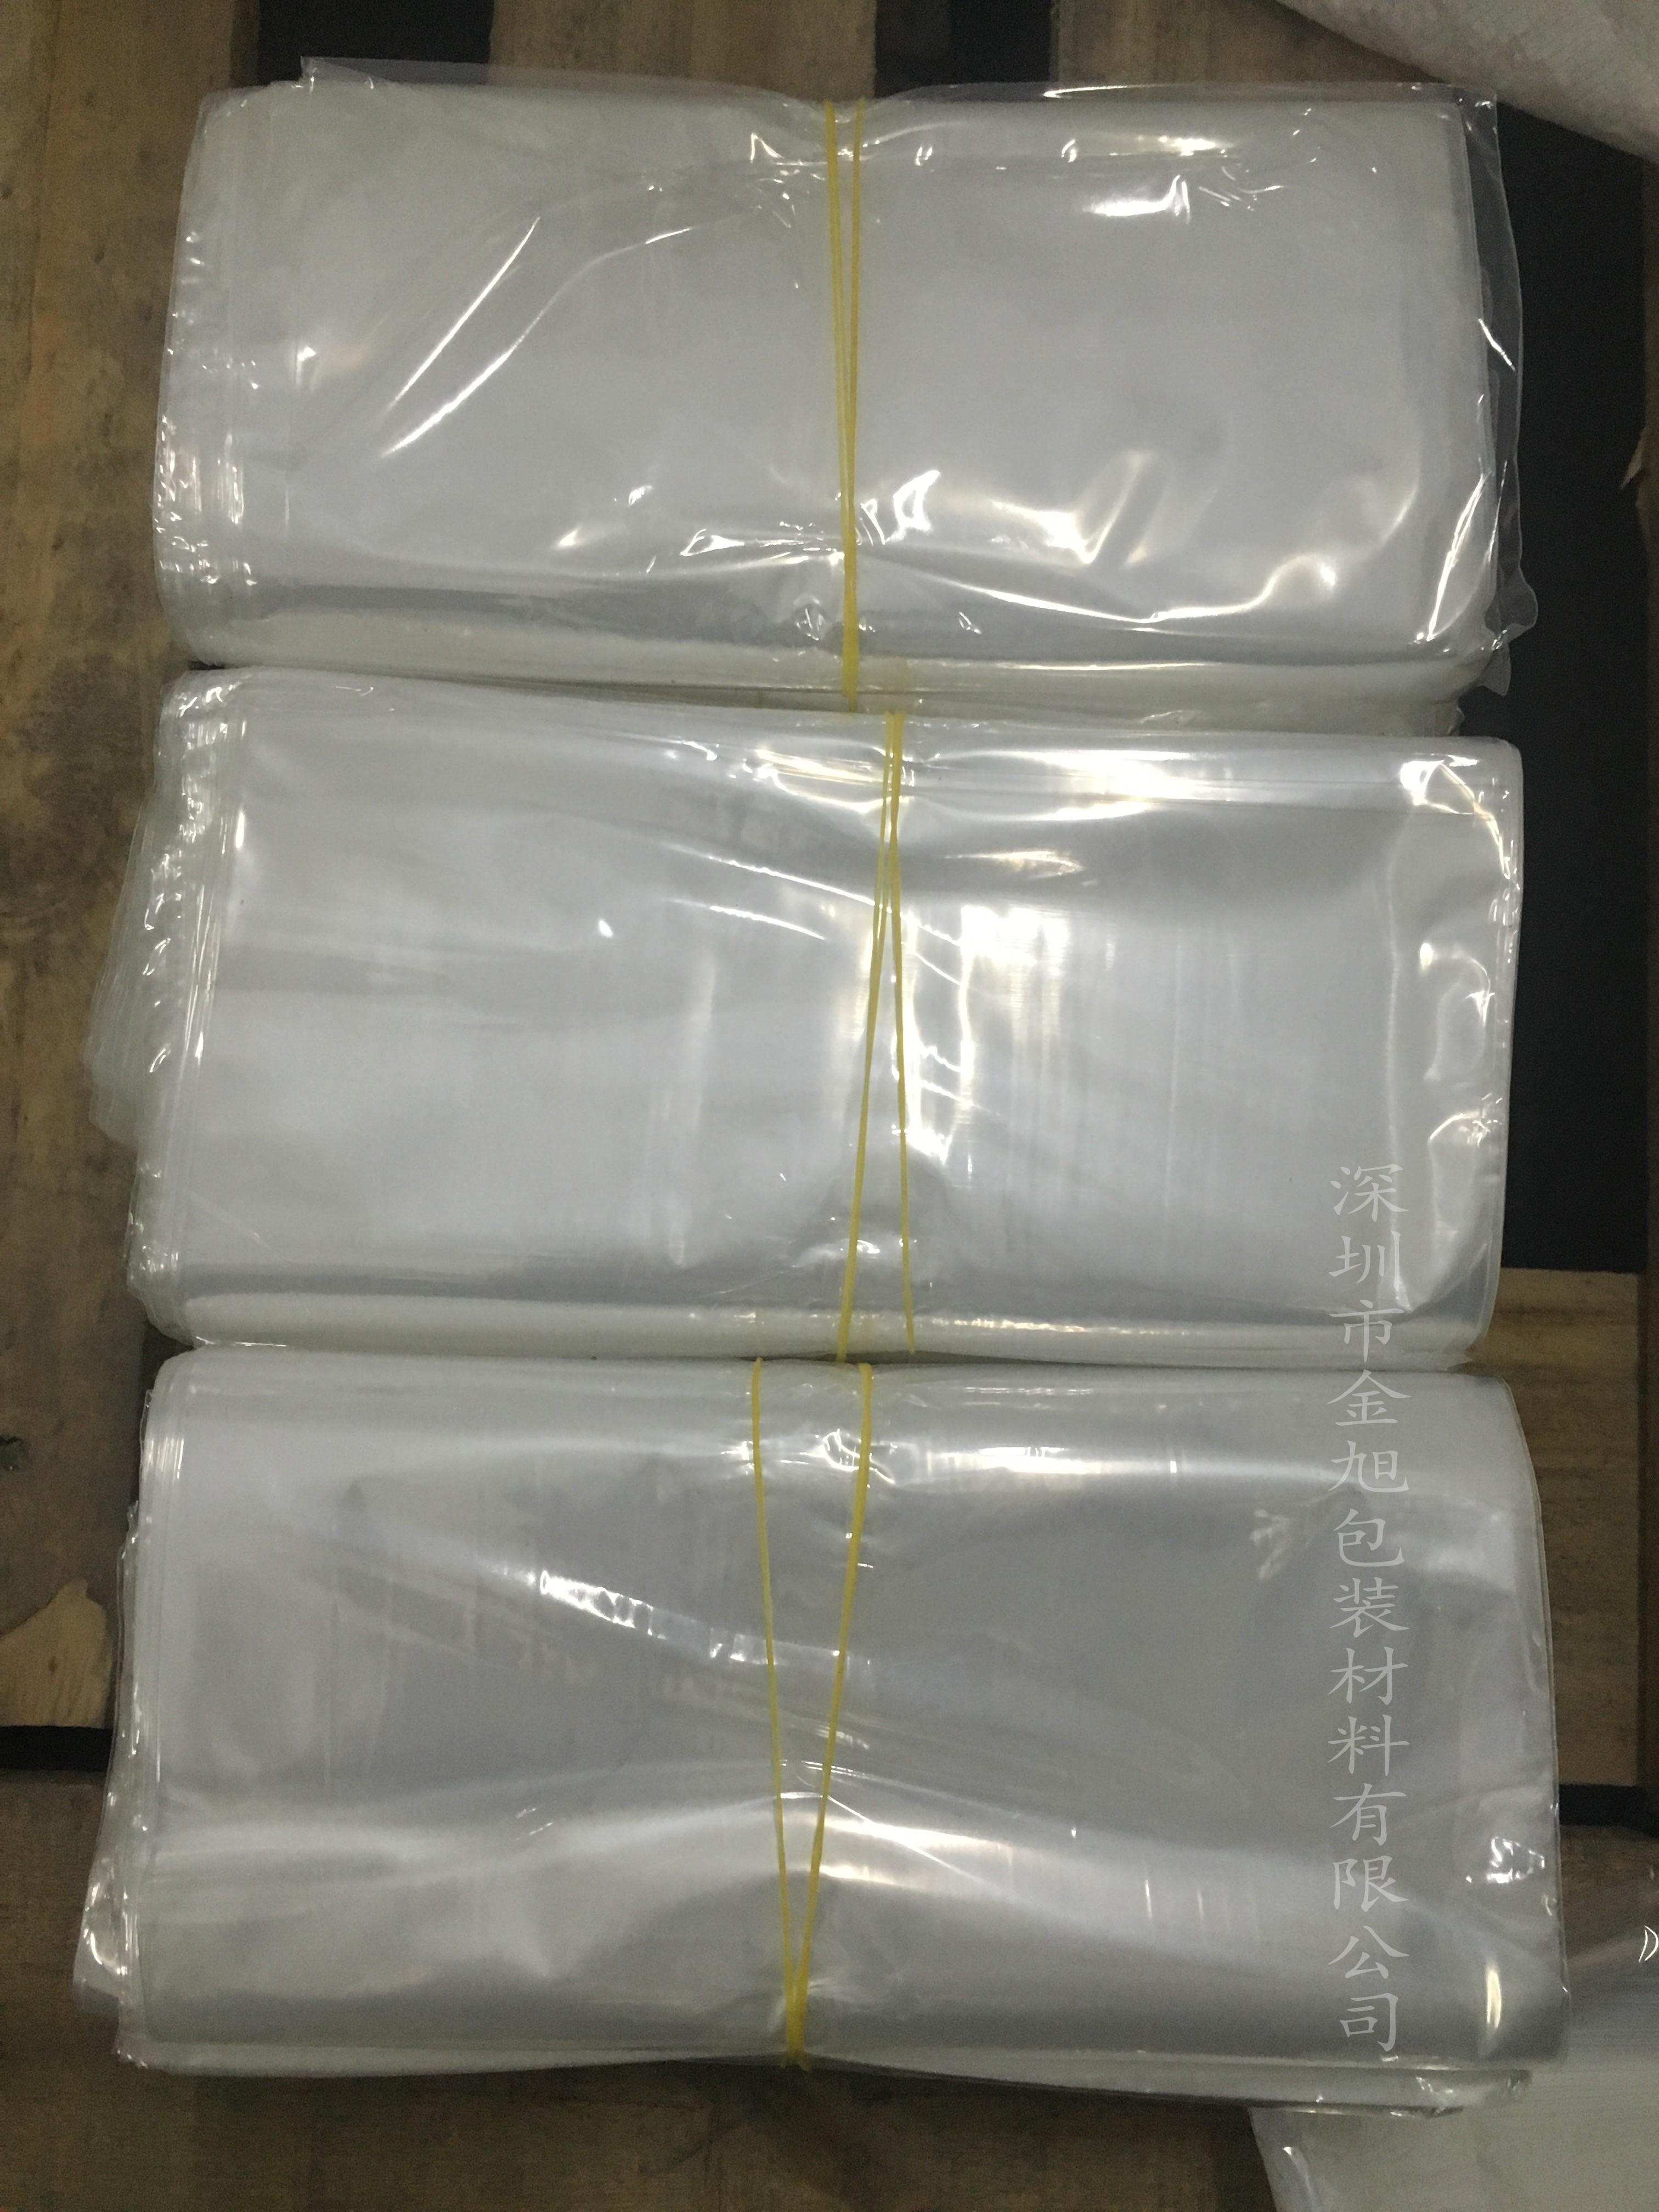 优质POF收缩膜袋厂家 POF环保塑料膜 惠州POF收缩膜袋厂家